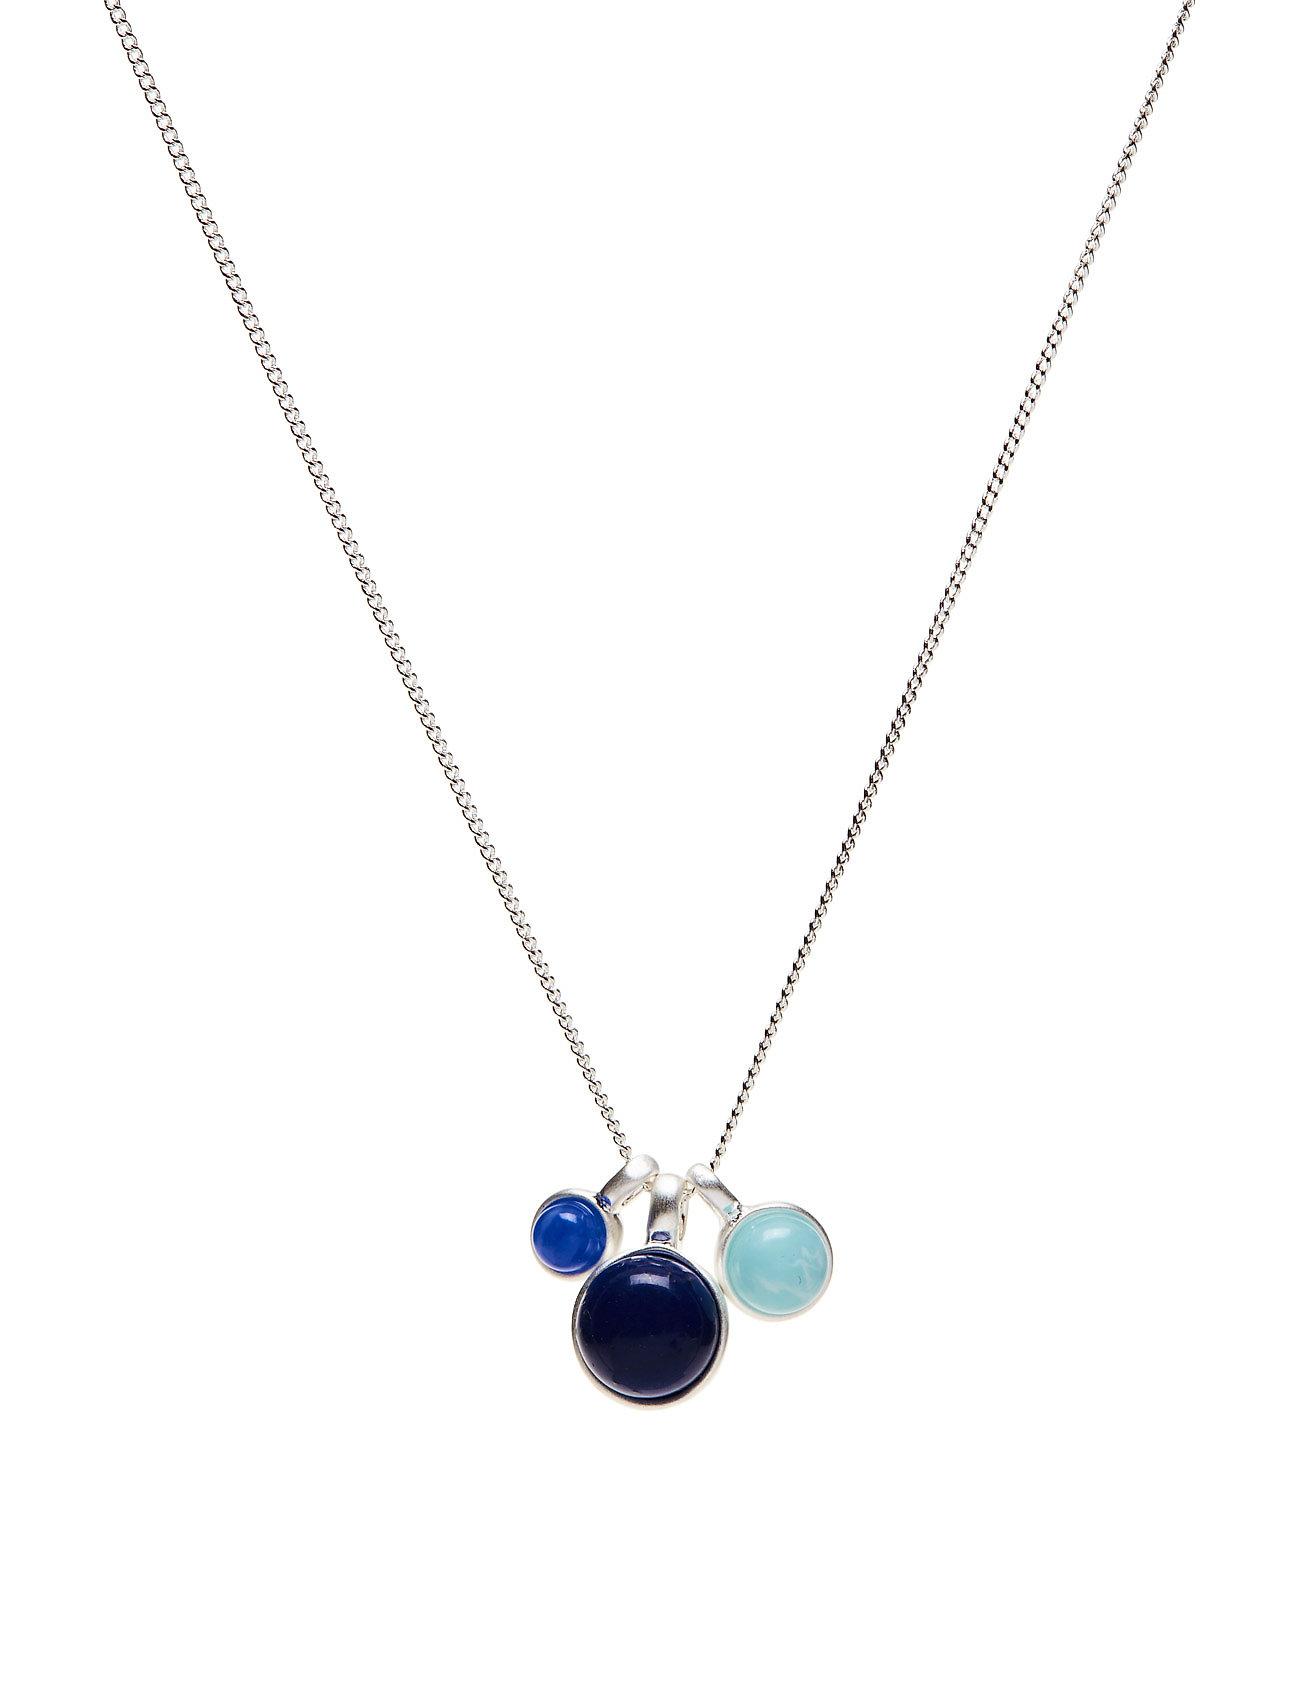 Megacoola Elda Necklace Pilgrim Smycken till Kvinnor till varje ... d161aec30274c